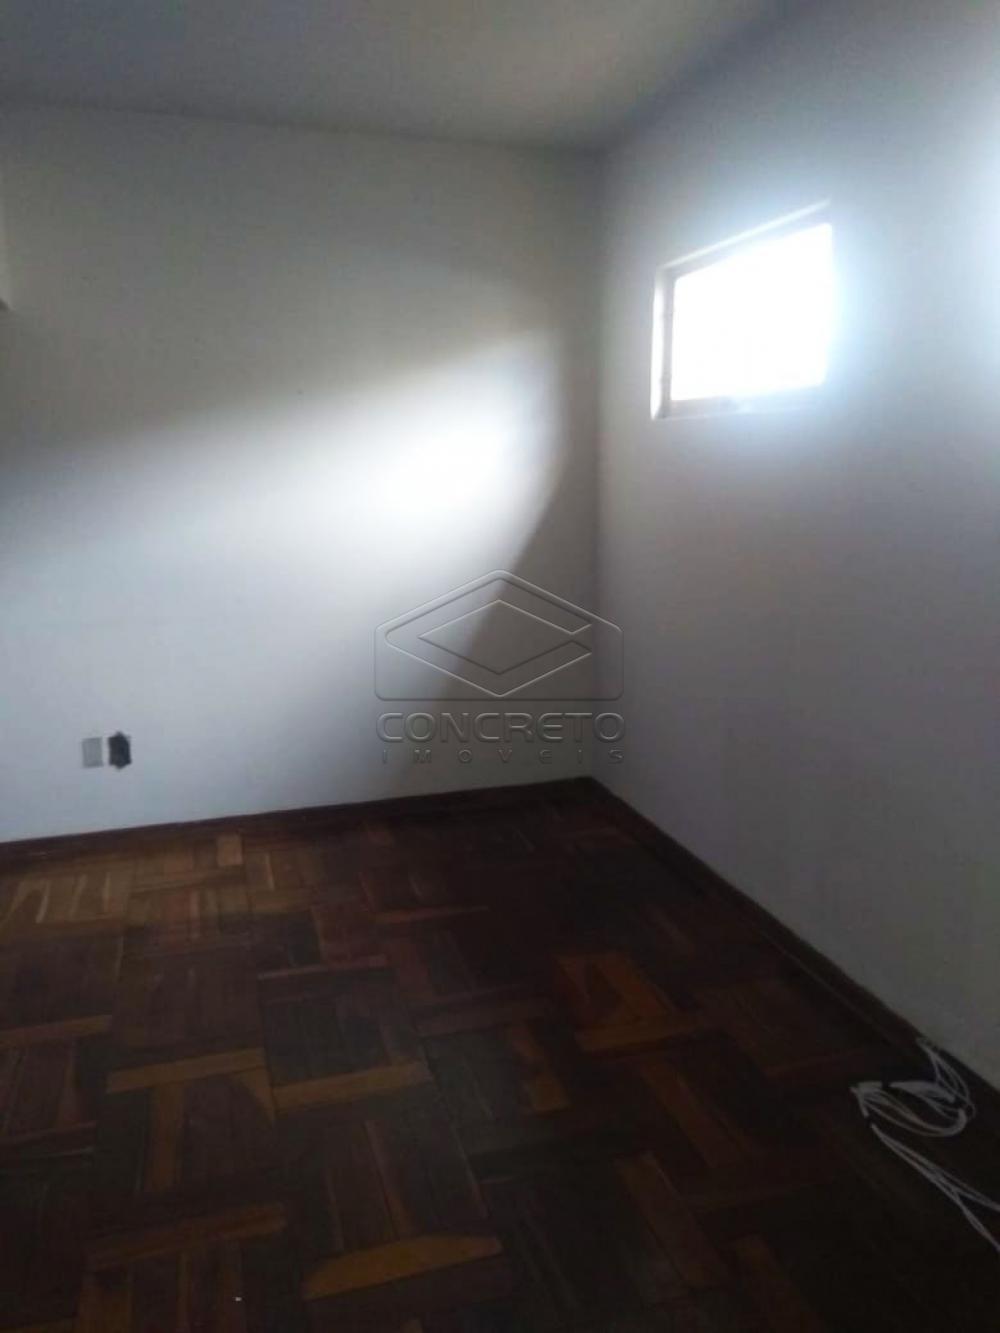 Comprar Casa / Padrão em Sao Manuel apenas R$ 350.000,00 - Foto 12